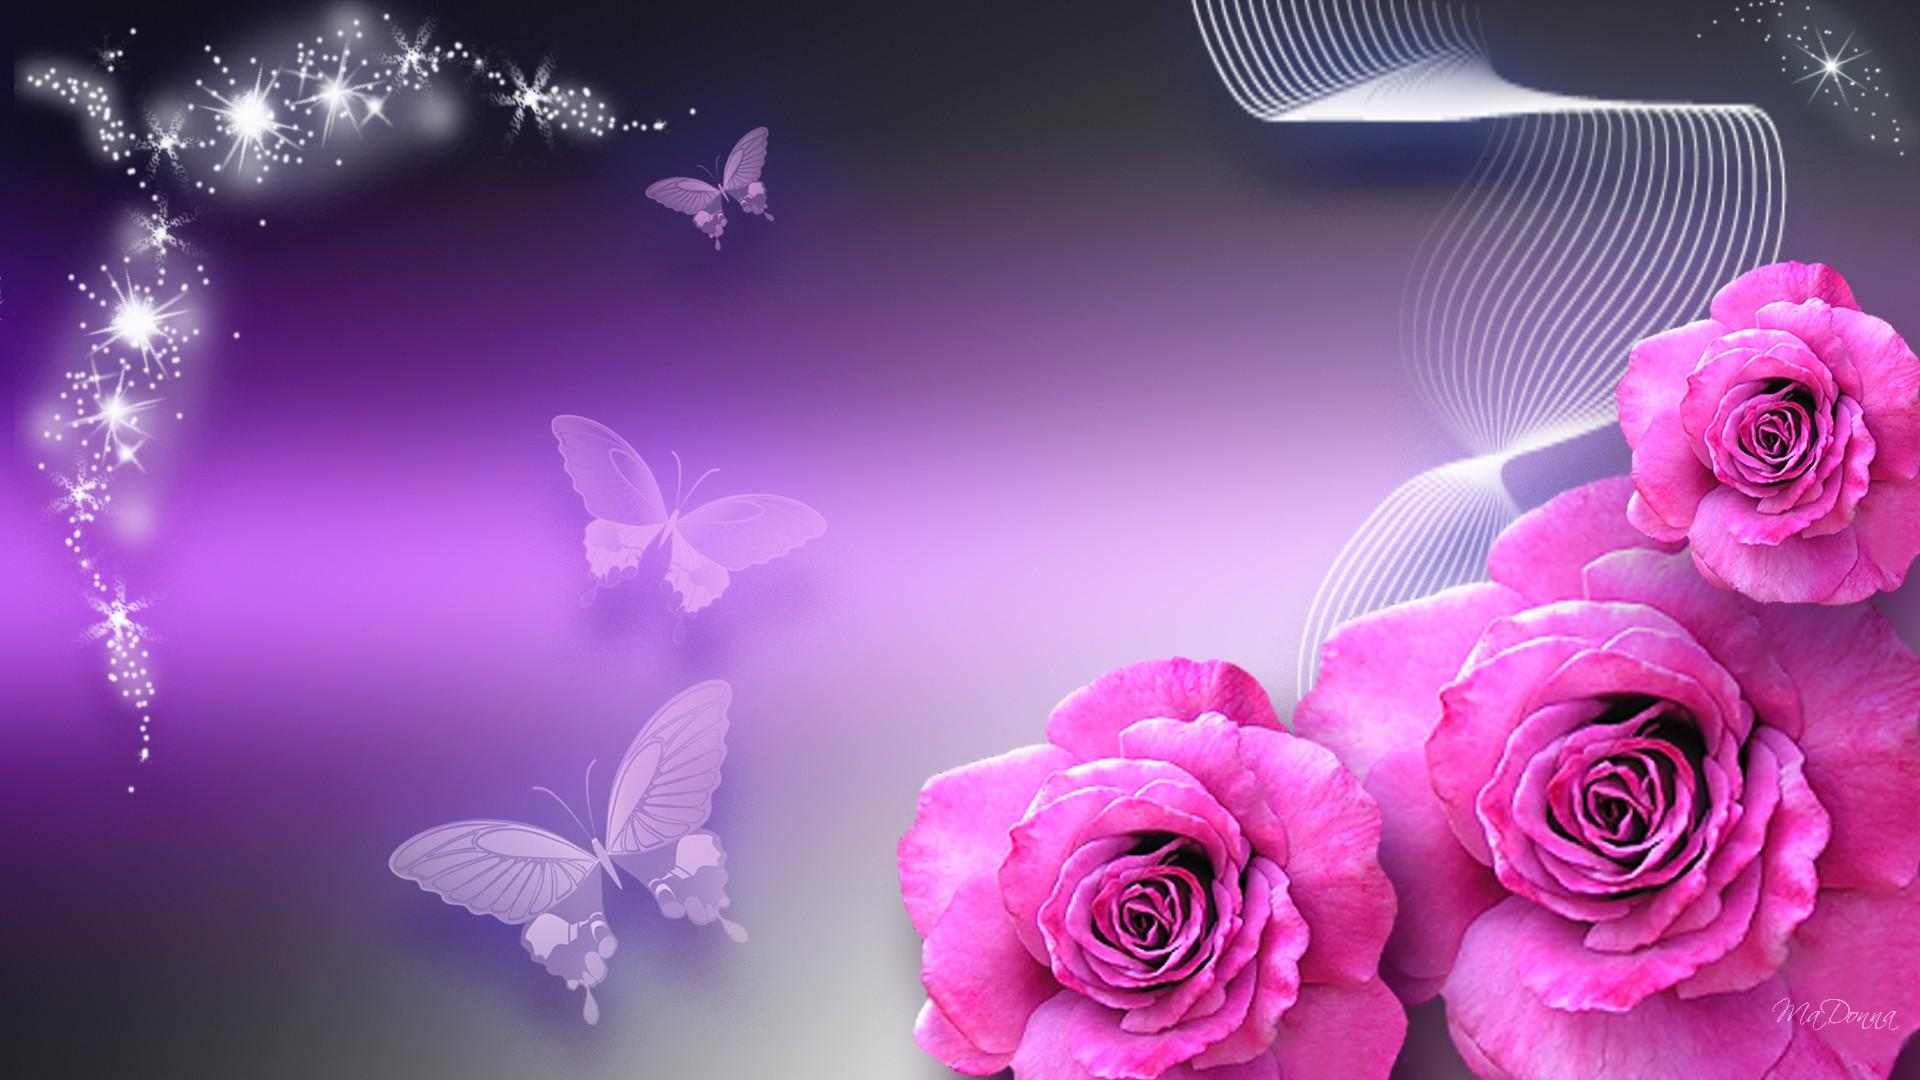 butterfly wallpaper purple pink   HD Desktop Wallpapers 1920x1080